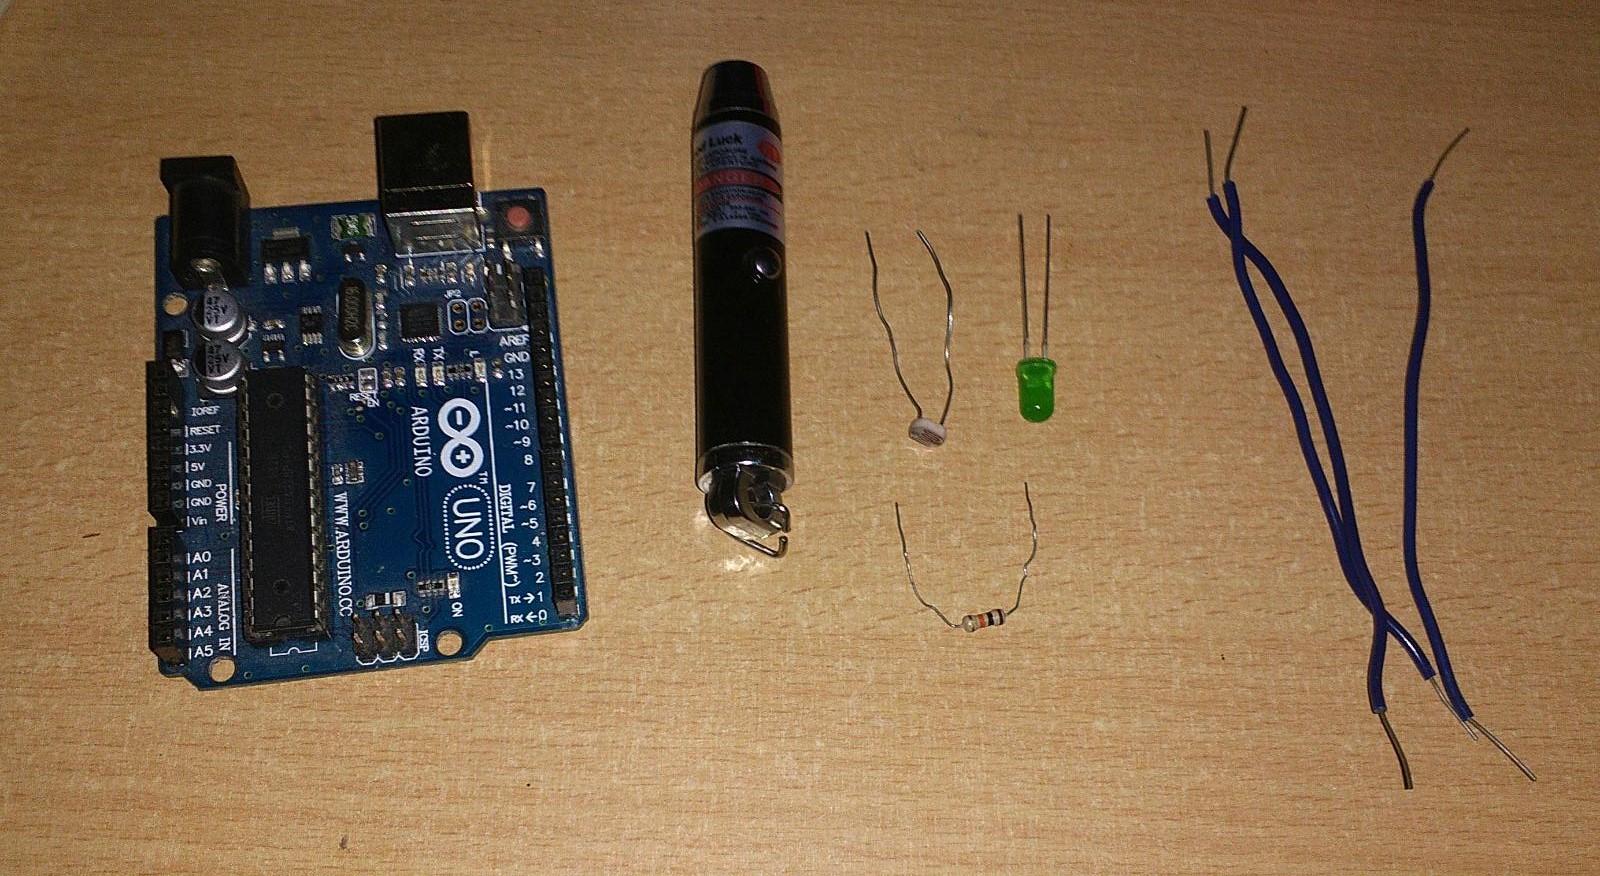 Laser Alarm Arduino Uno Photoresistor Resistor Kilo Ohm Or Wires Ide Software Buzzer Led